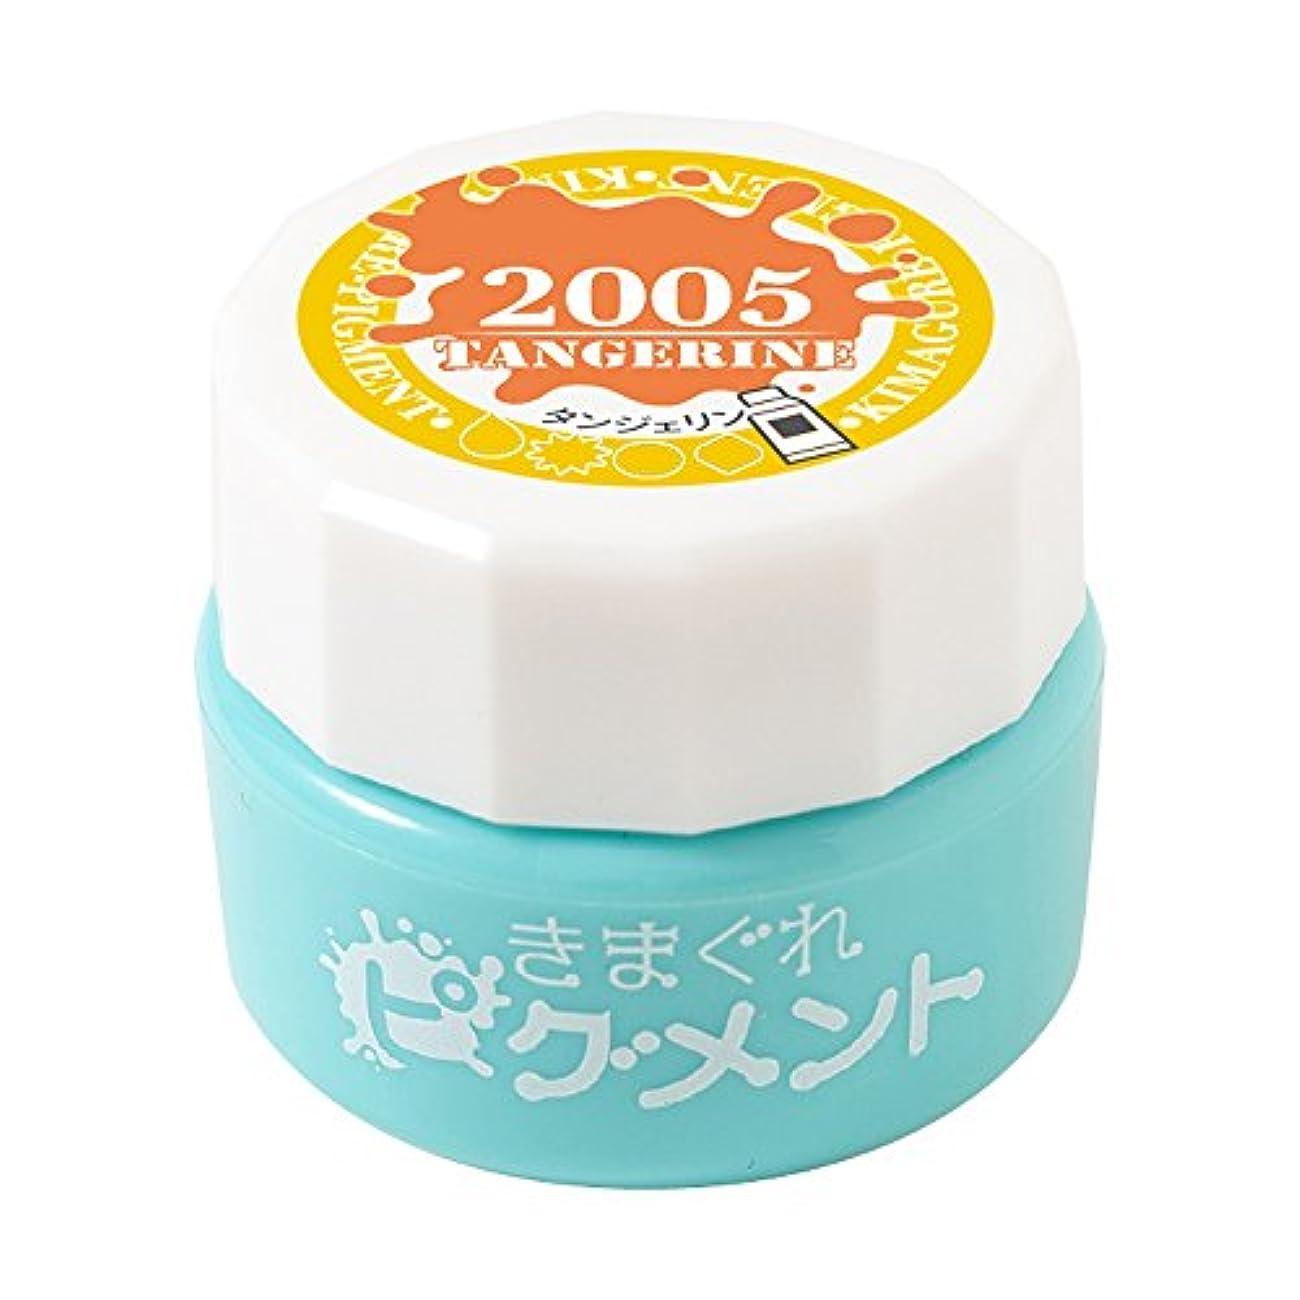 腸規定慎重にBettygel きまぐれピグメント タンジェリン QYJ-2005 4g UV/LED対応